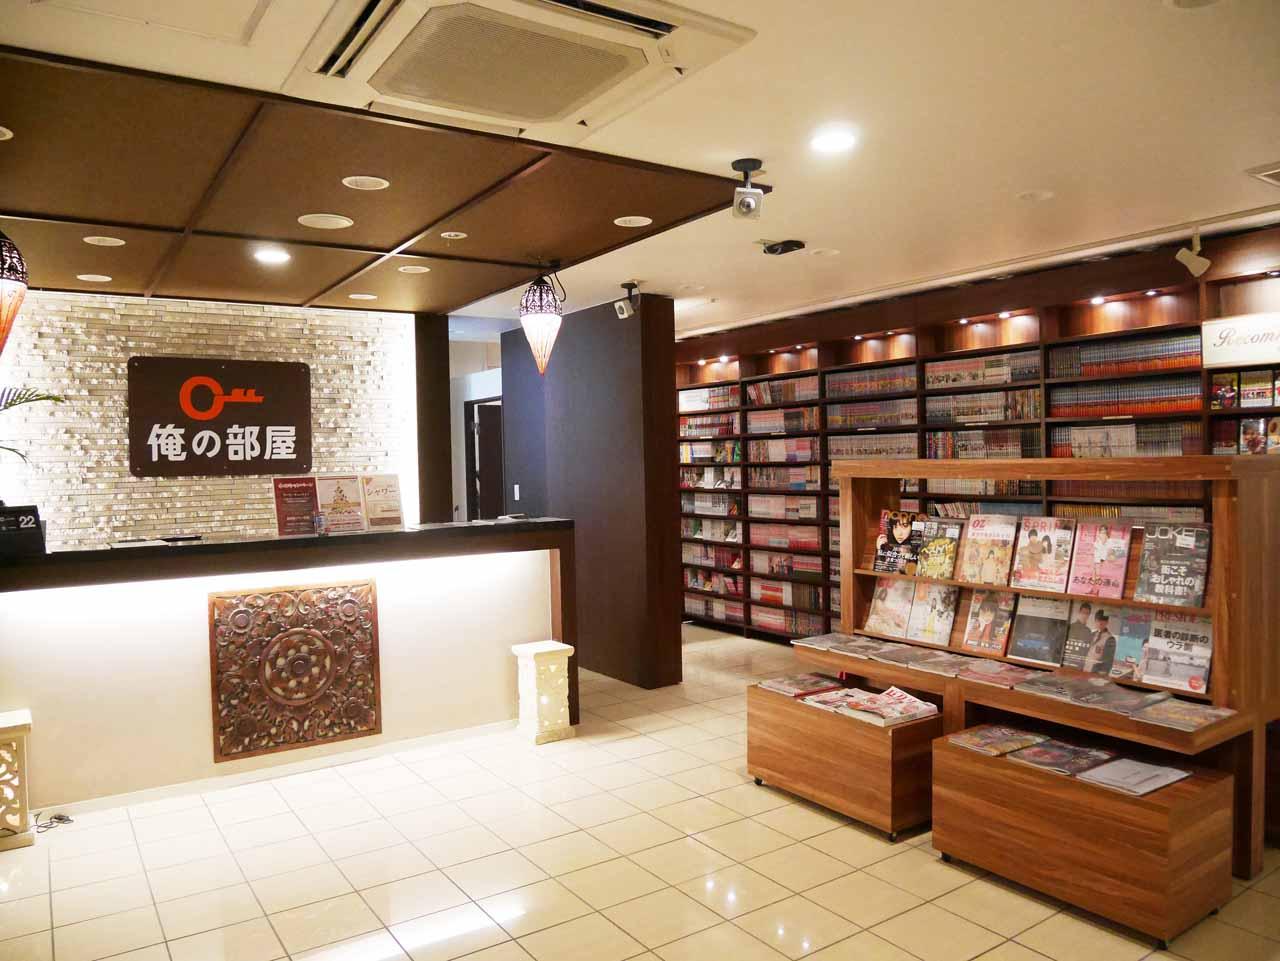 カップルに人気の横浜最大級ネットカフェ「俺の部屋」が開業5周年を迎えます。横浜駅から徒歩3分です